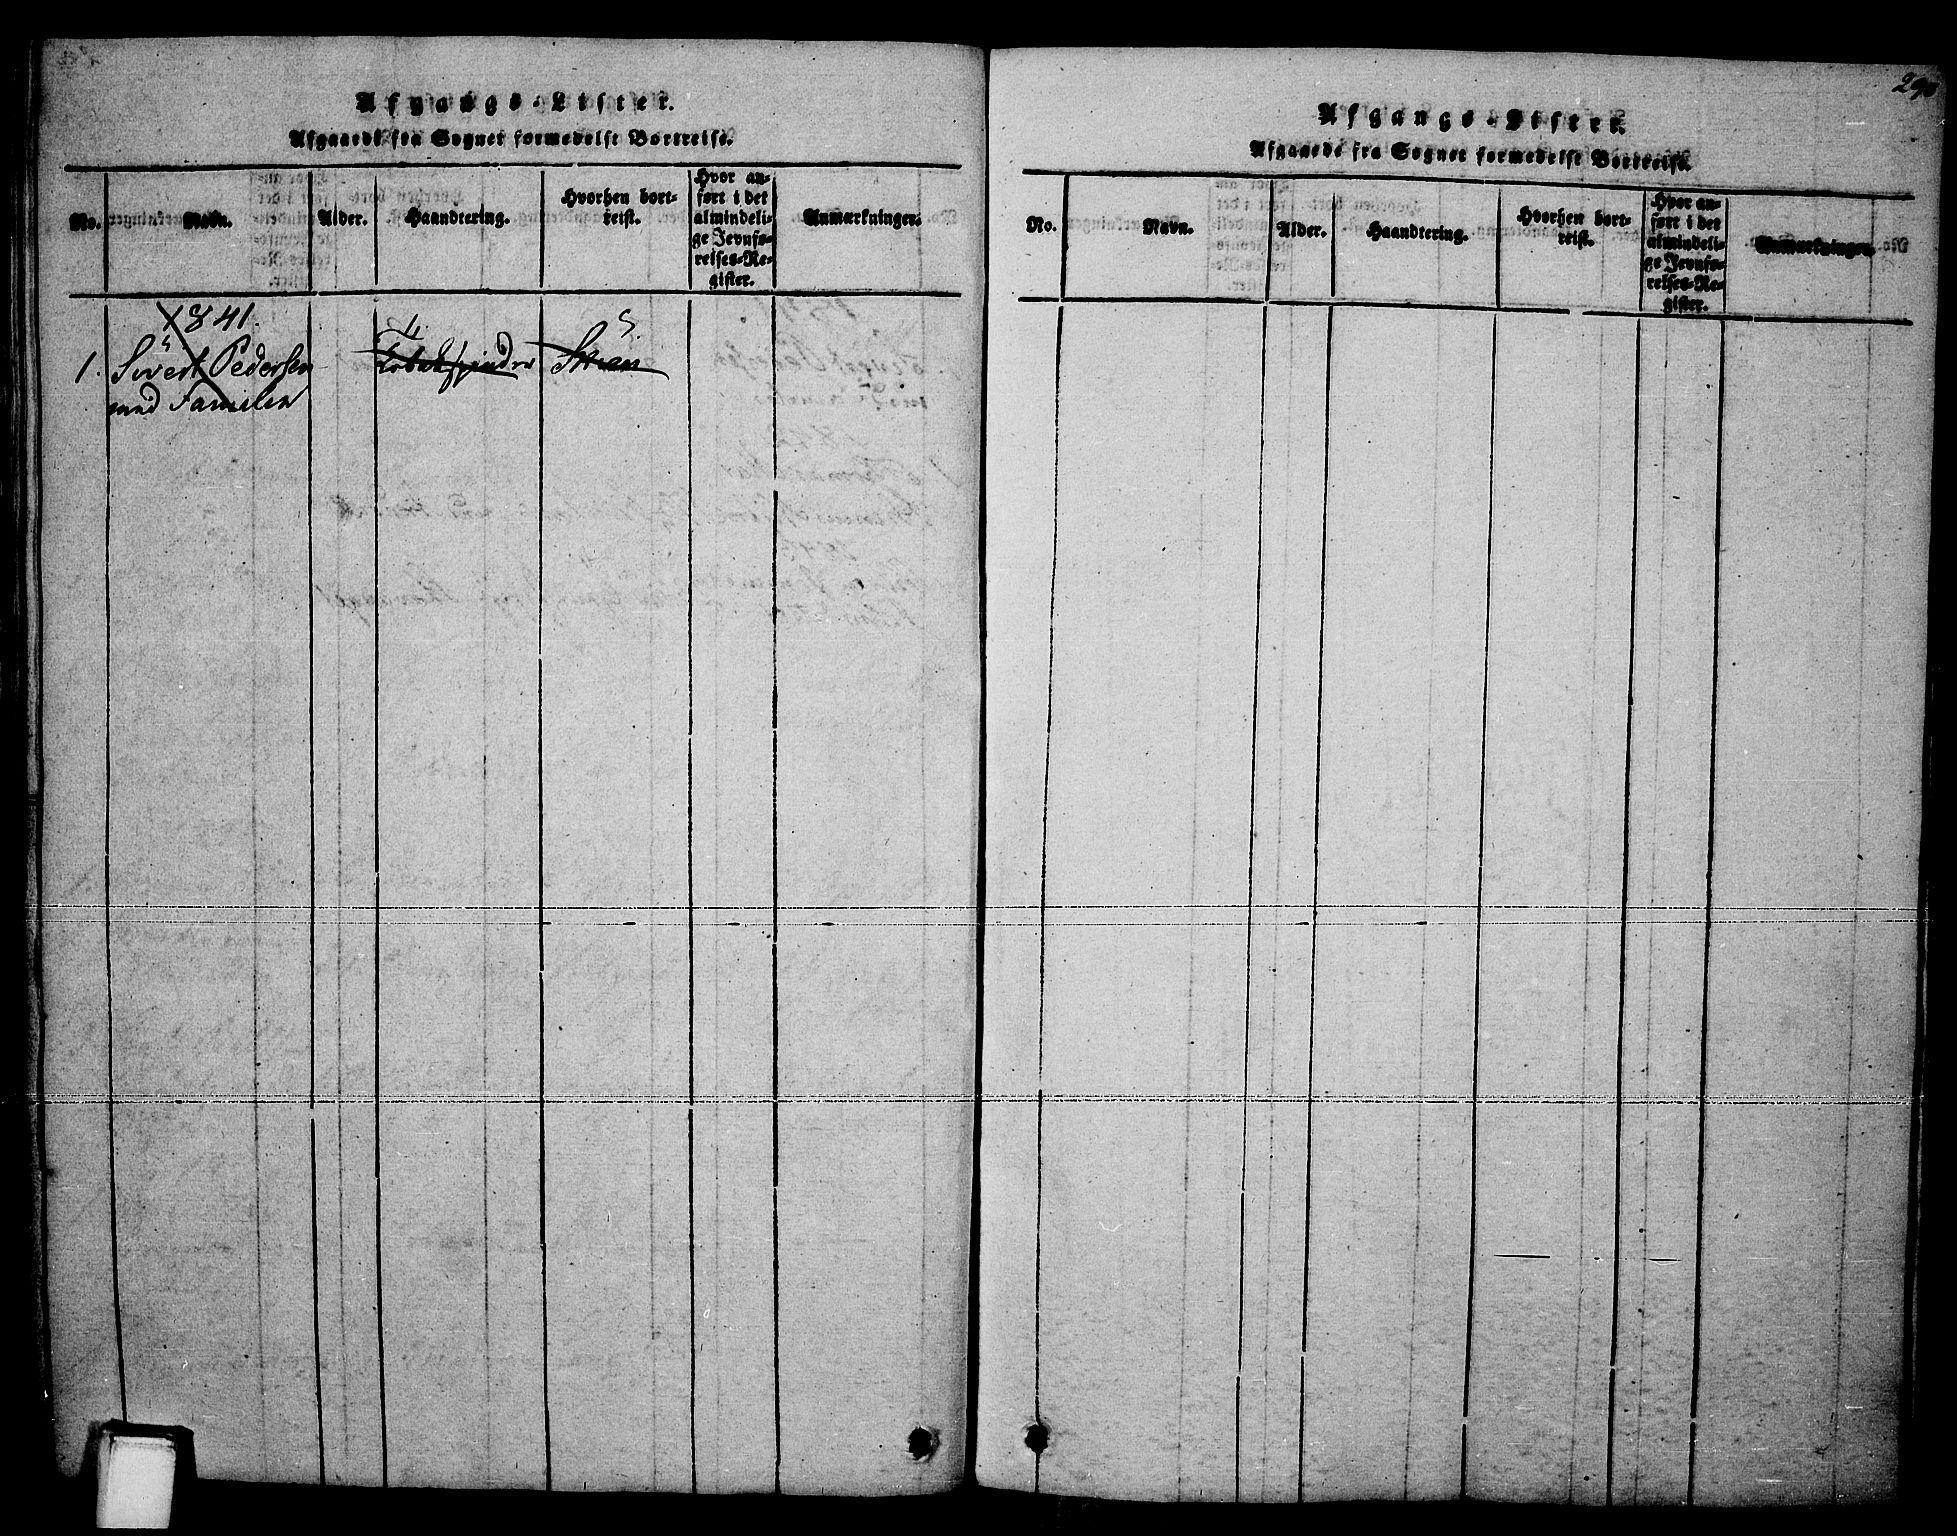 SAKO, Brevik kirkebøker, F/Fa/L0004: Ministerialbok nr. 4, 1814-1846, s. 290